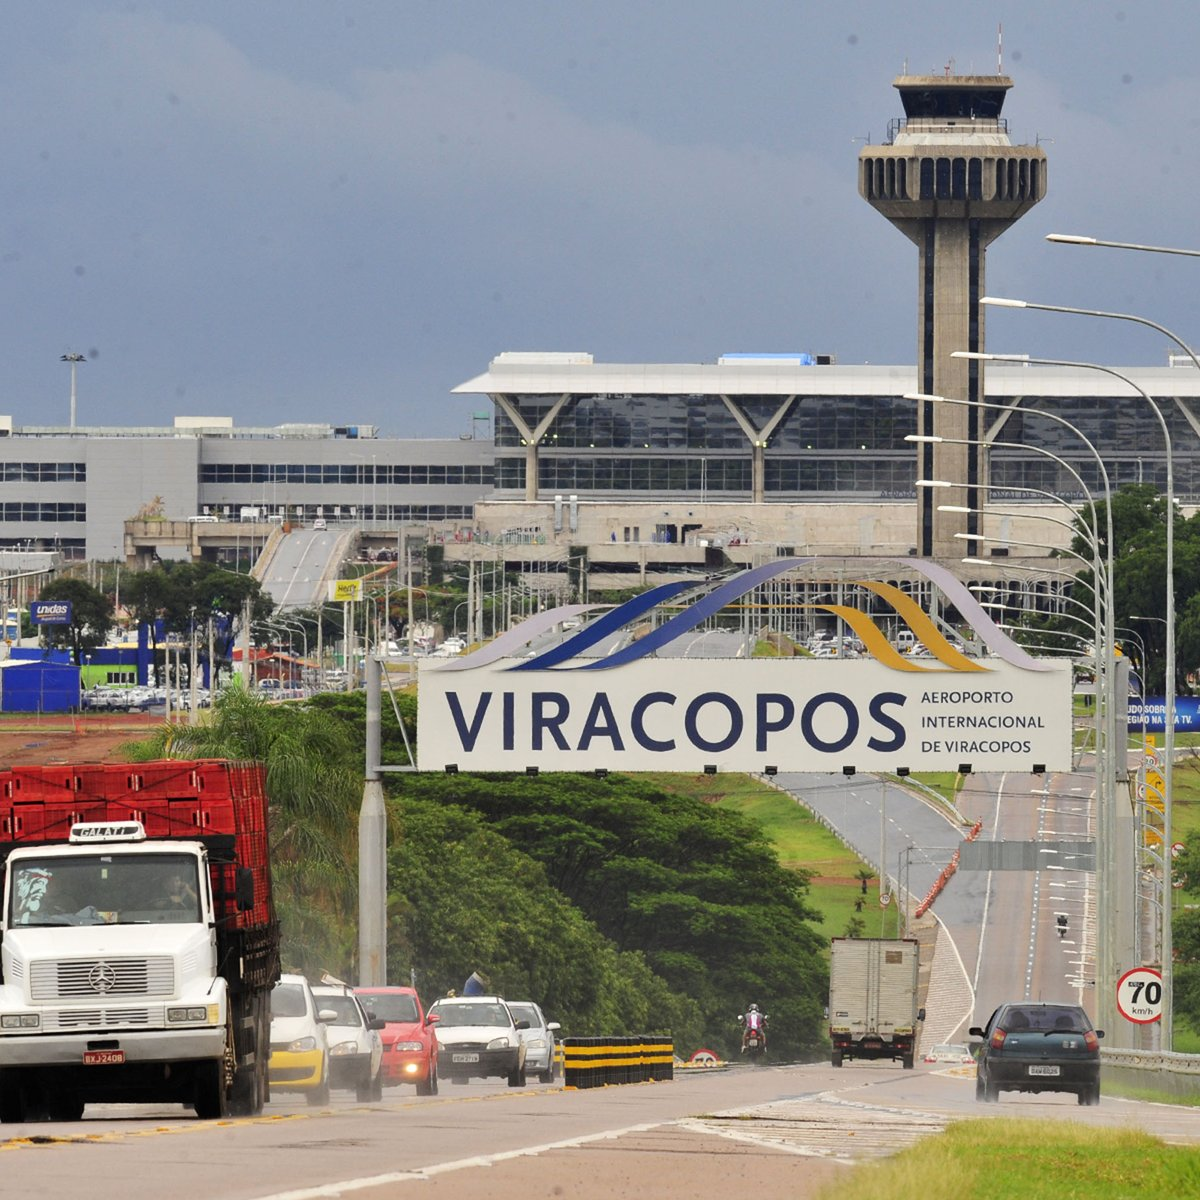 Viracopos fecha por três horas e 18 voos são alterados